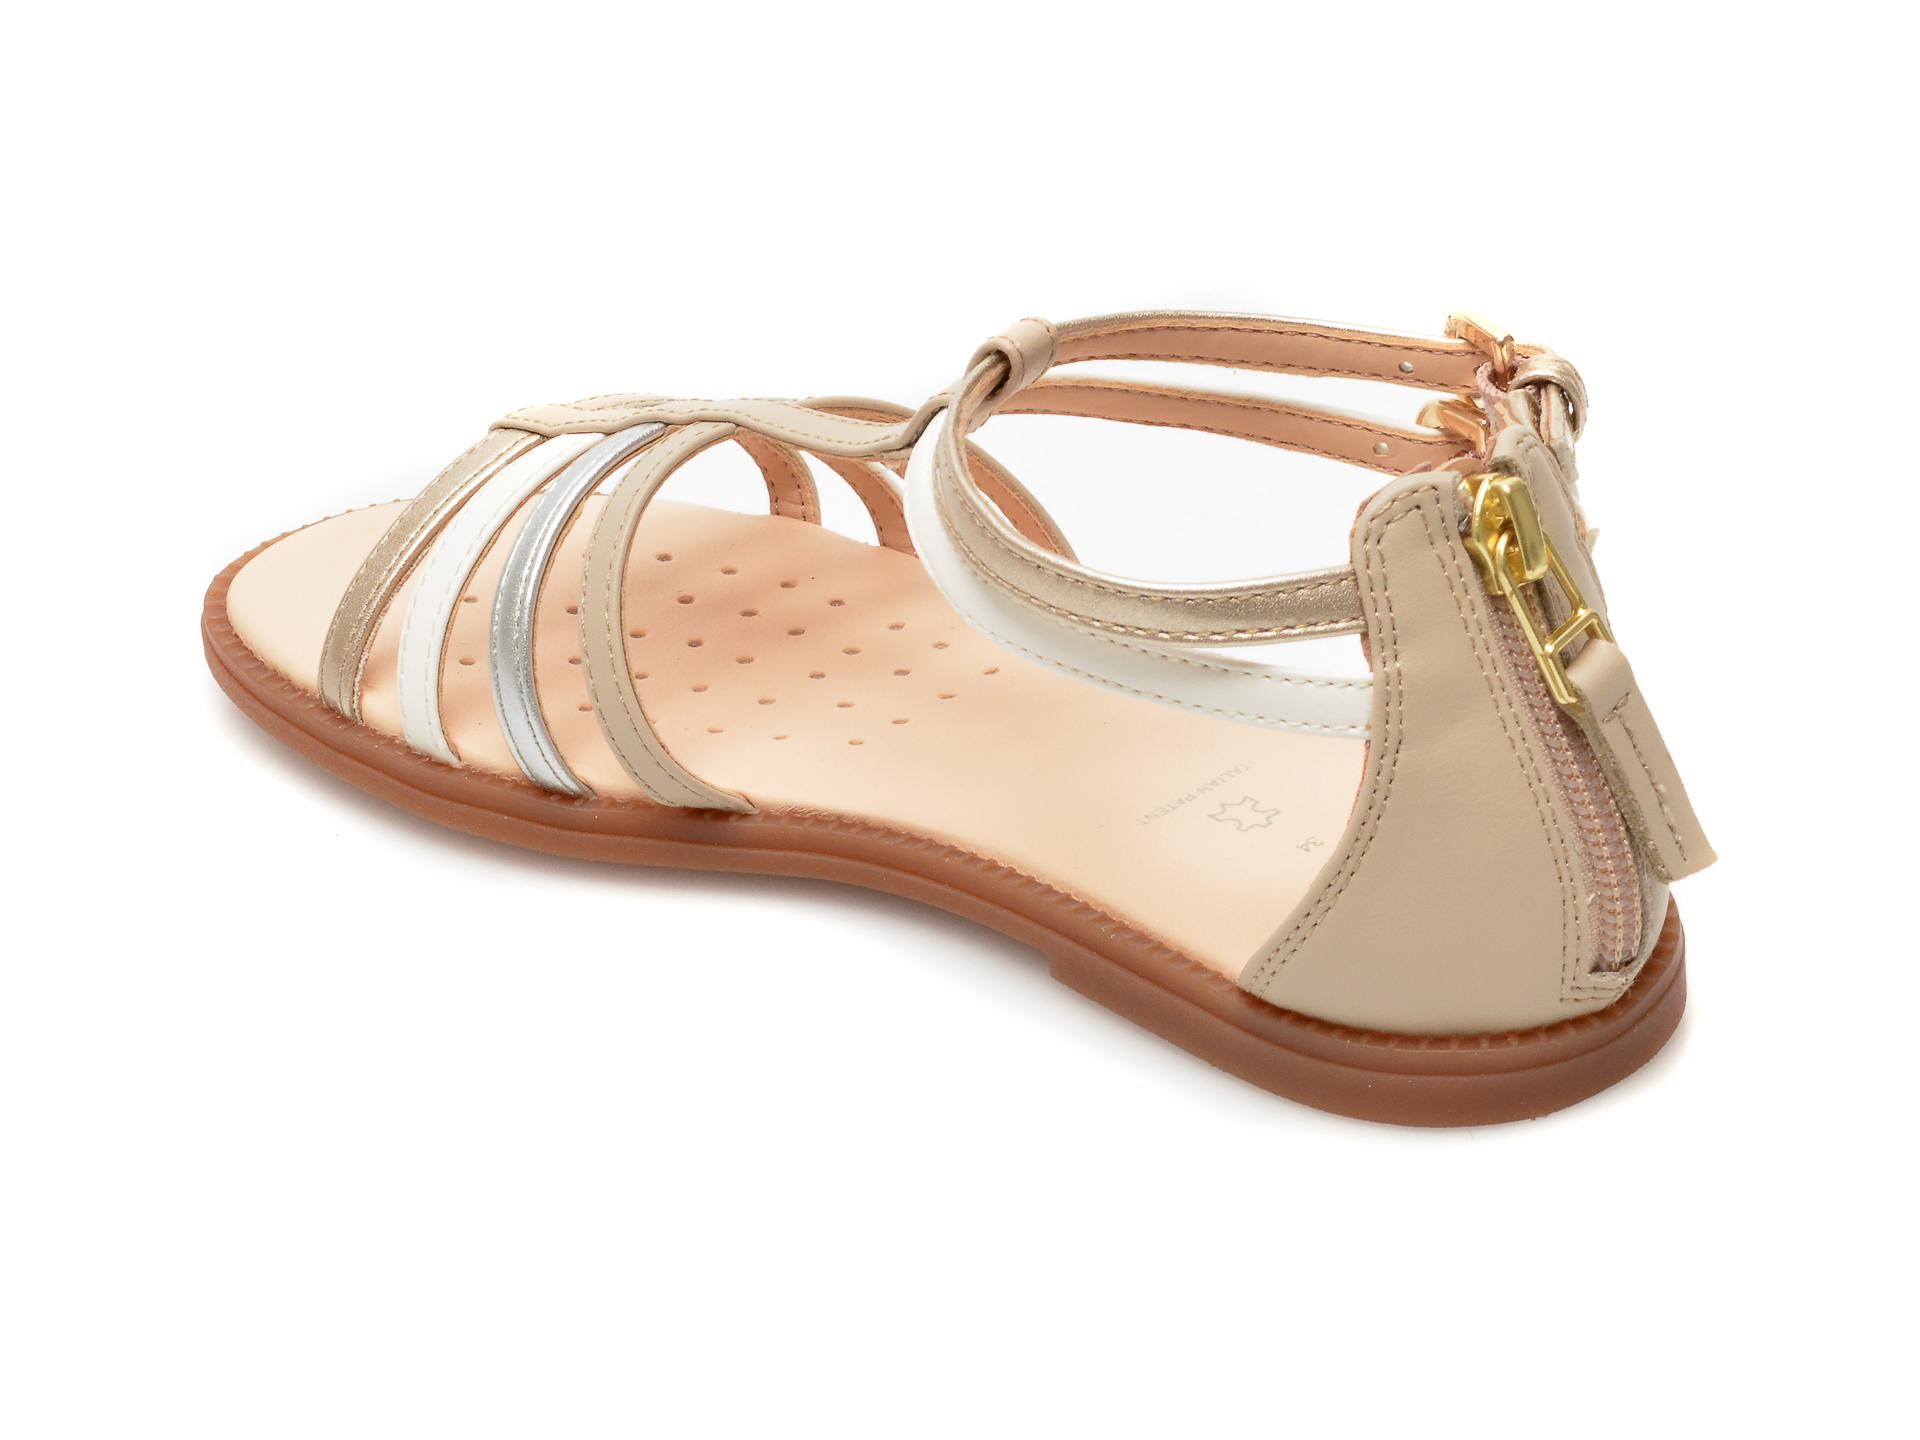 Sandale GEOX bej, J7235D, din piele ecologica - 5